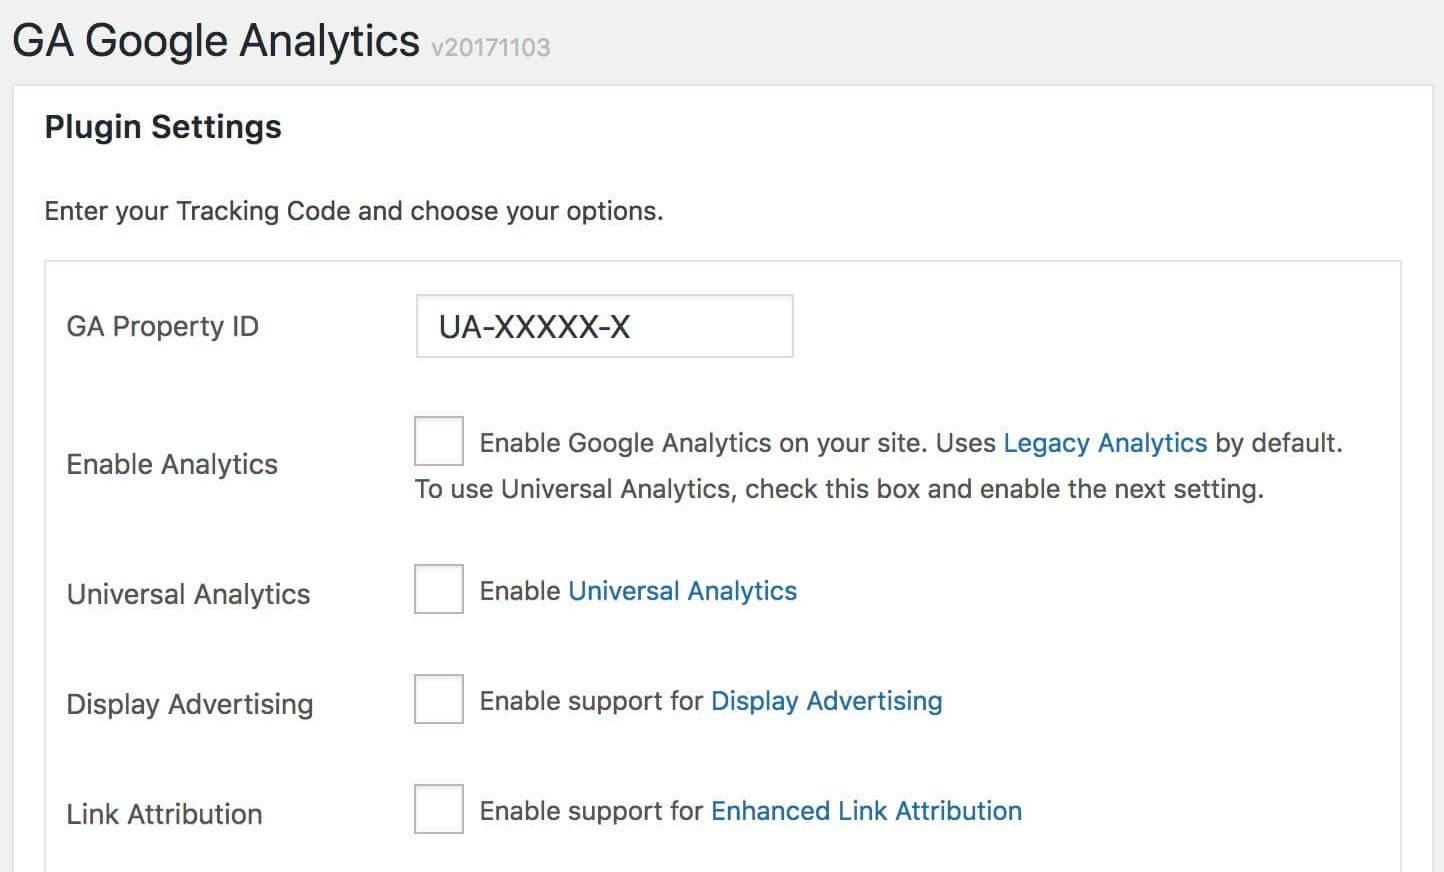 הוספת אנליטיקס באמצעות התוסף GA Google Analytics